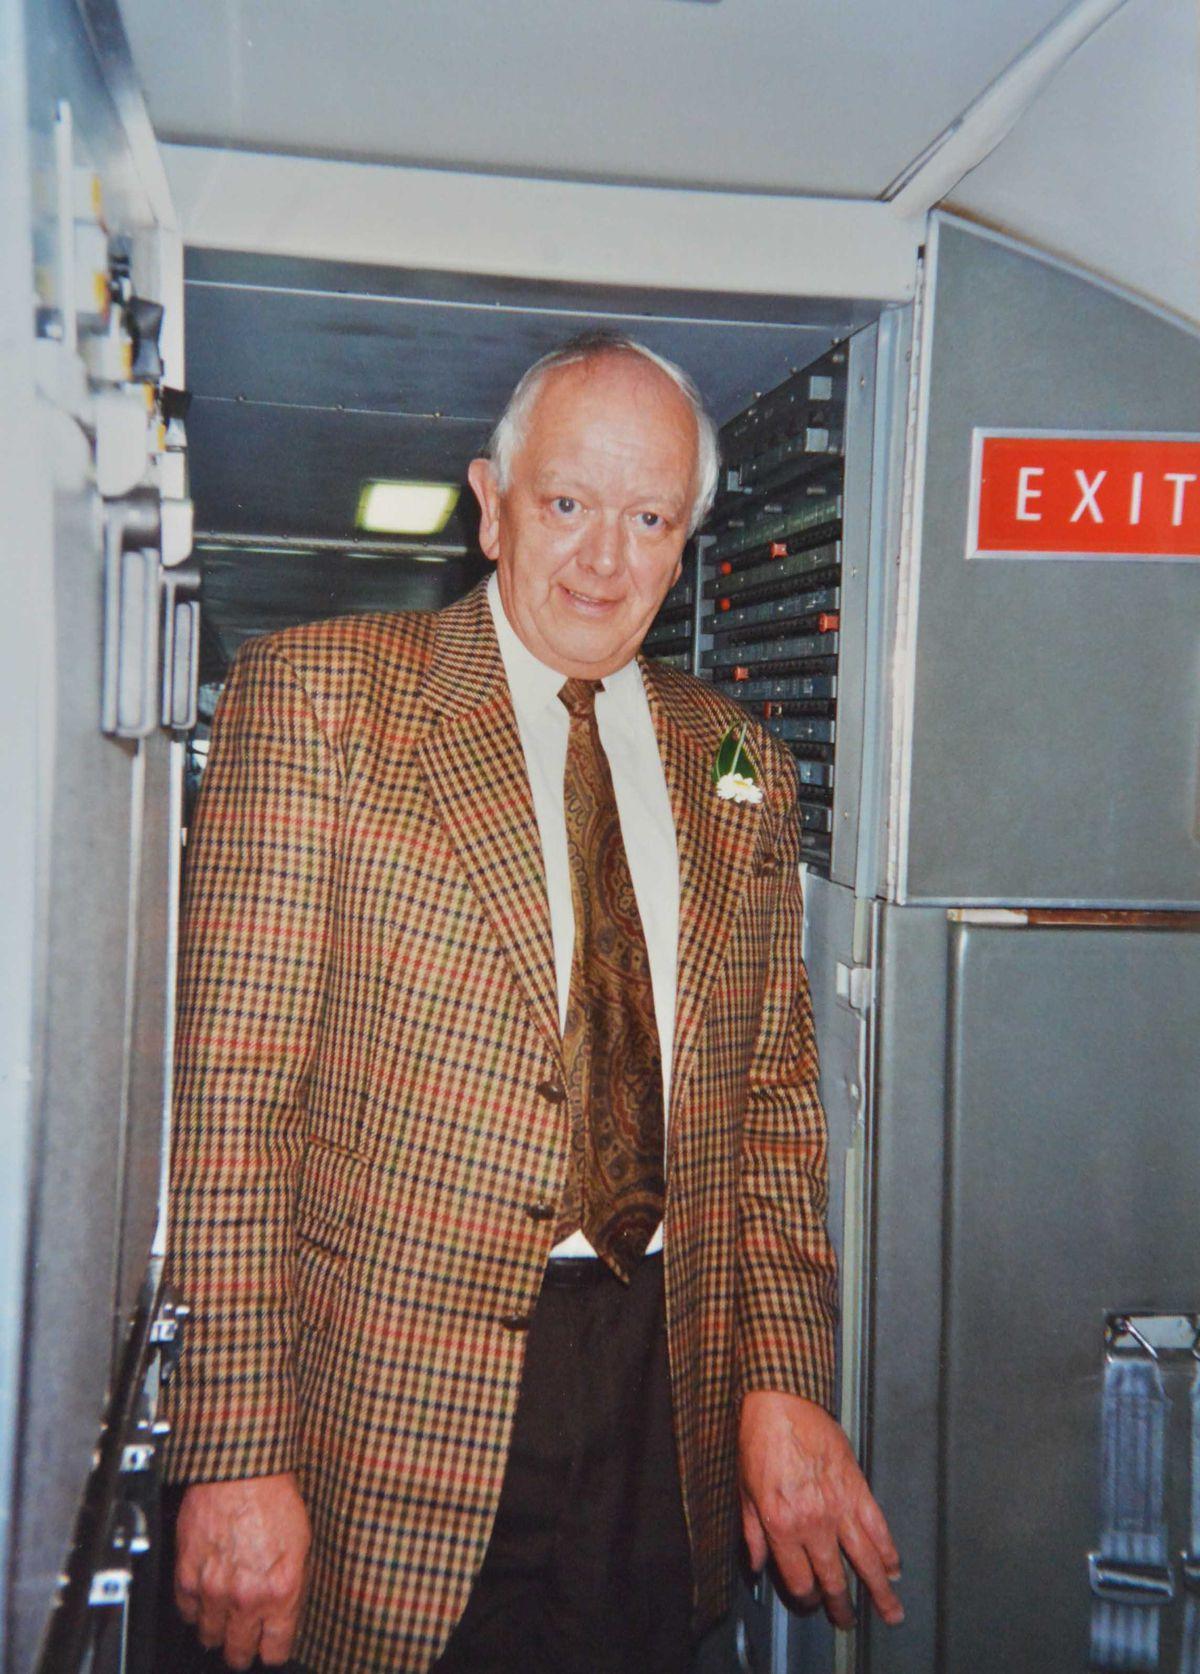 Alan on board Concorde